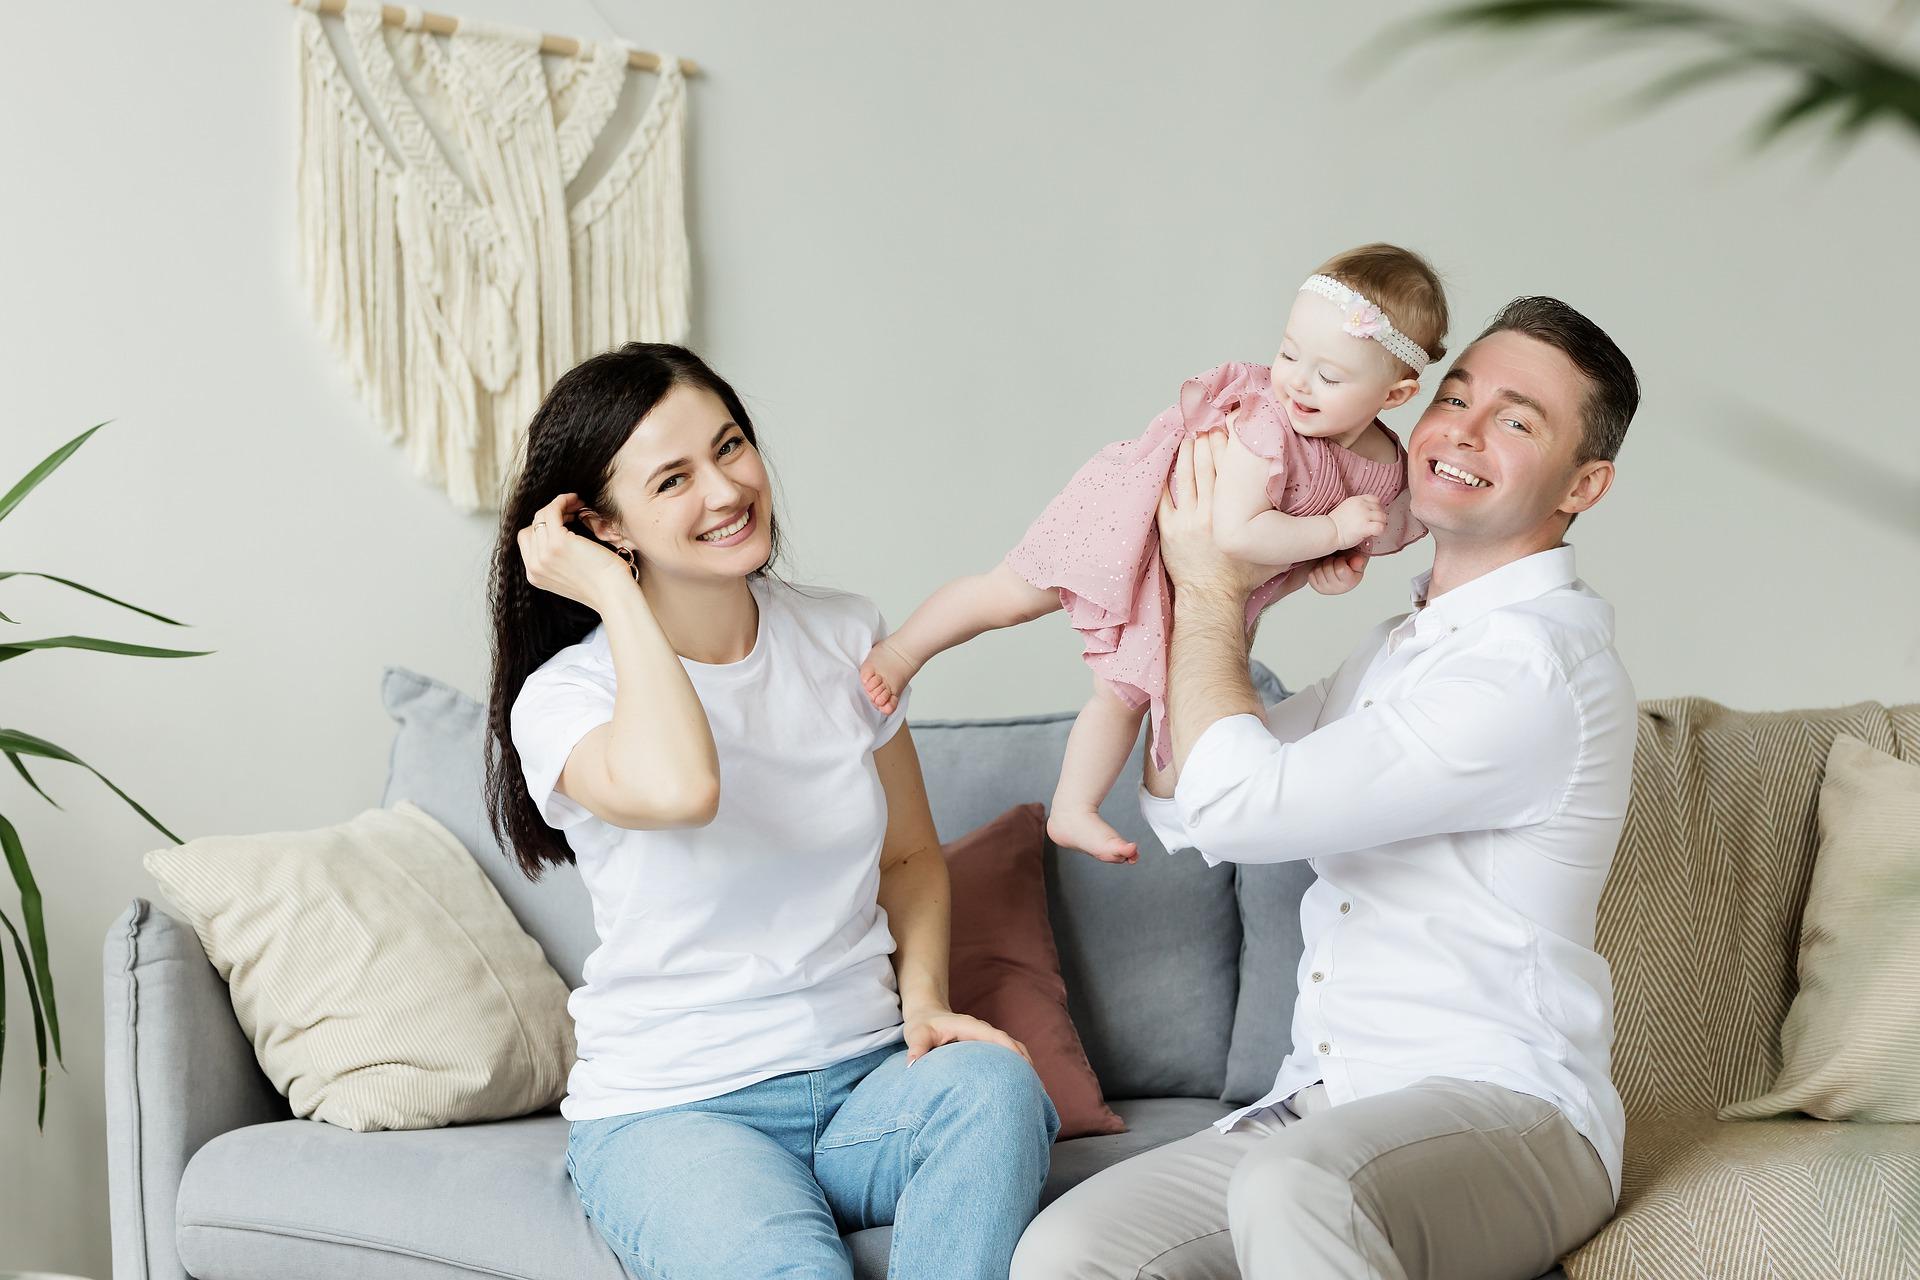 Vliv rodinného prostředí na dětský spánek